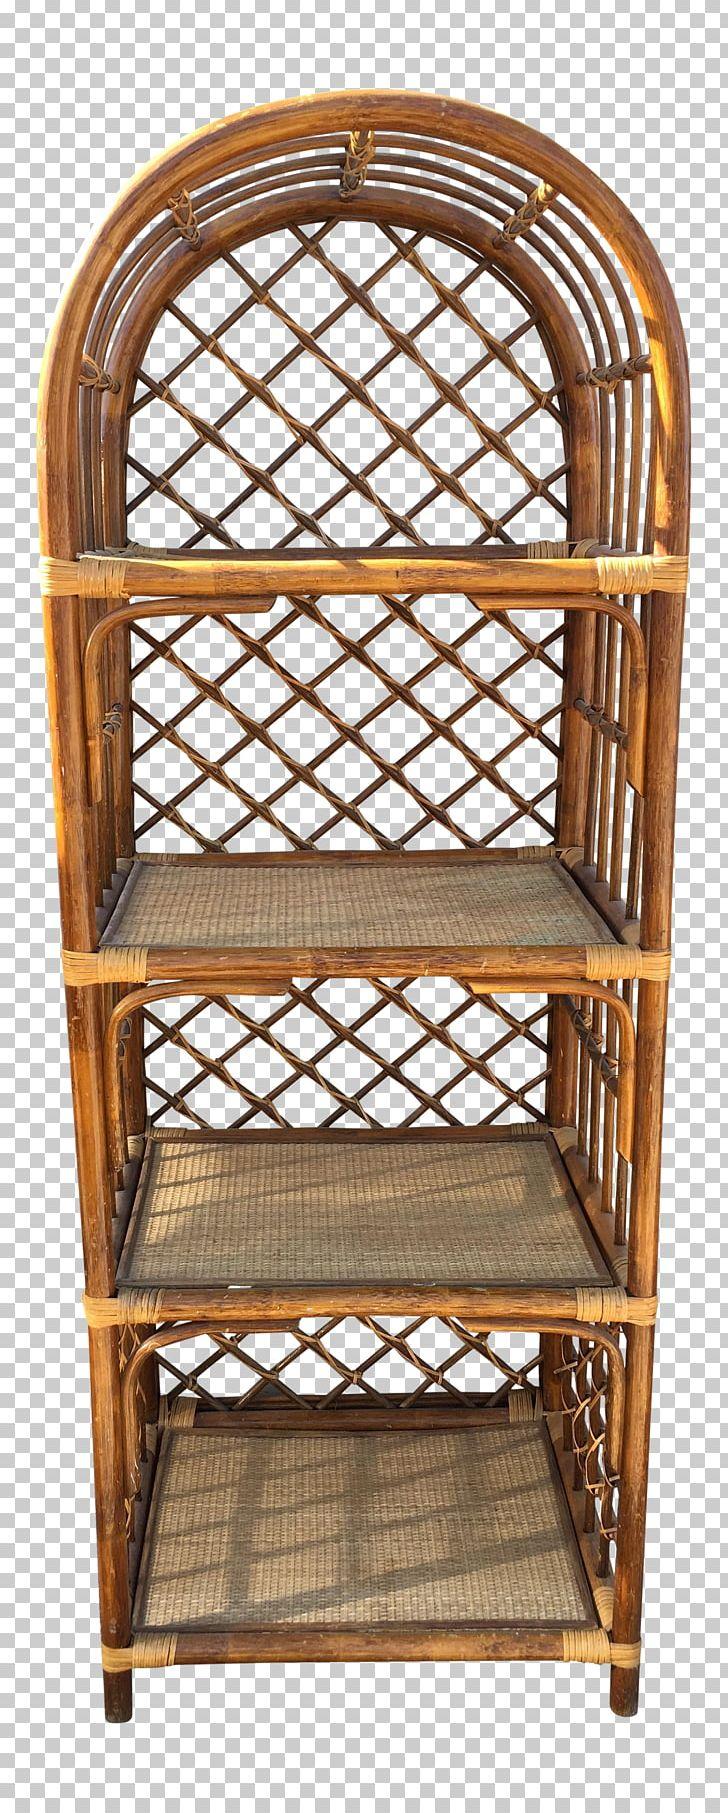 shelf table wicker bookcase basket png